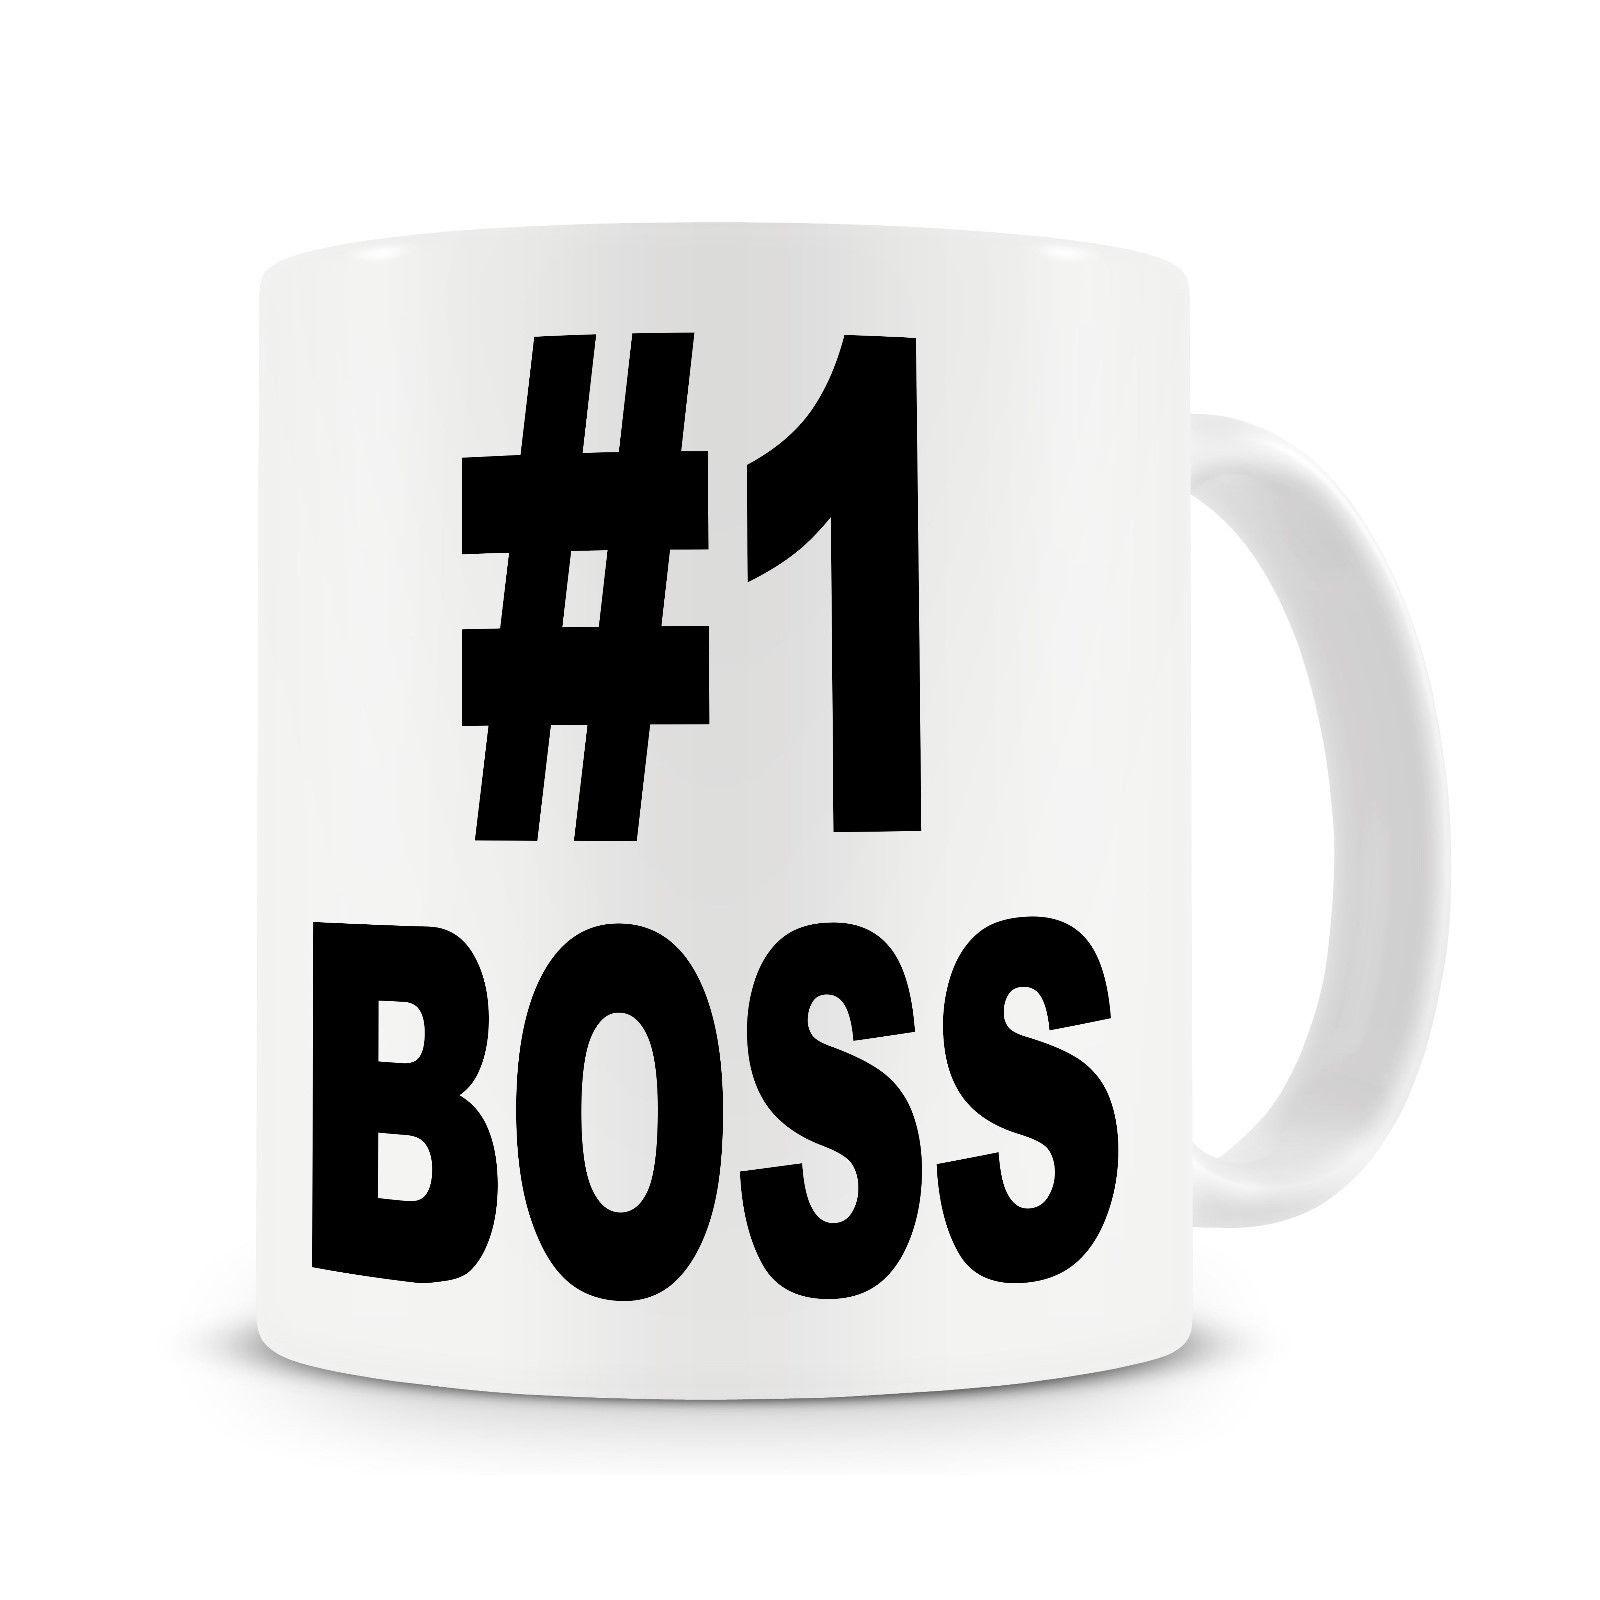 Boss Mug Gift For Boss Coffee Mug Office Gift Work Mug Cup